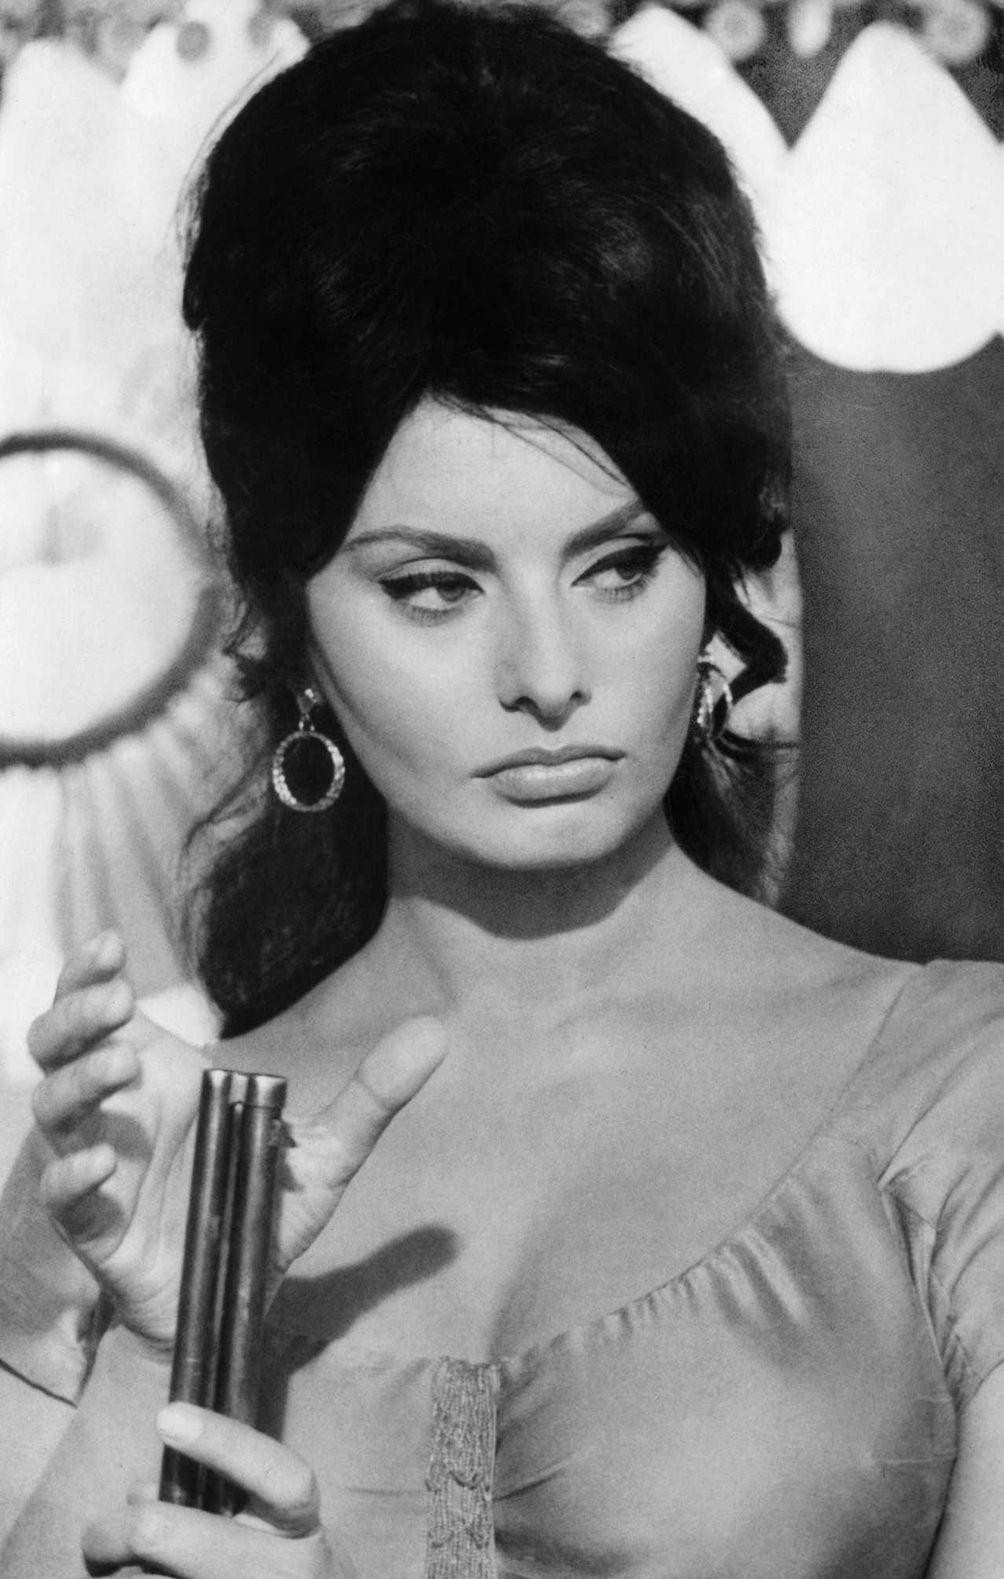 Sophia Loren, is in a scene from the